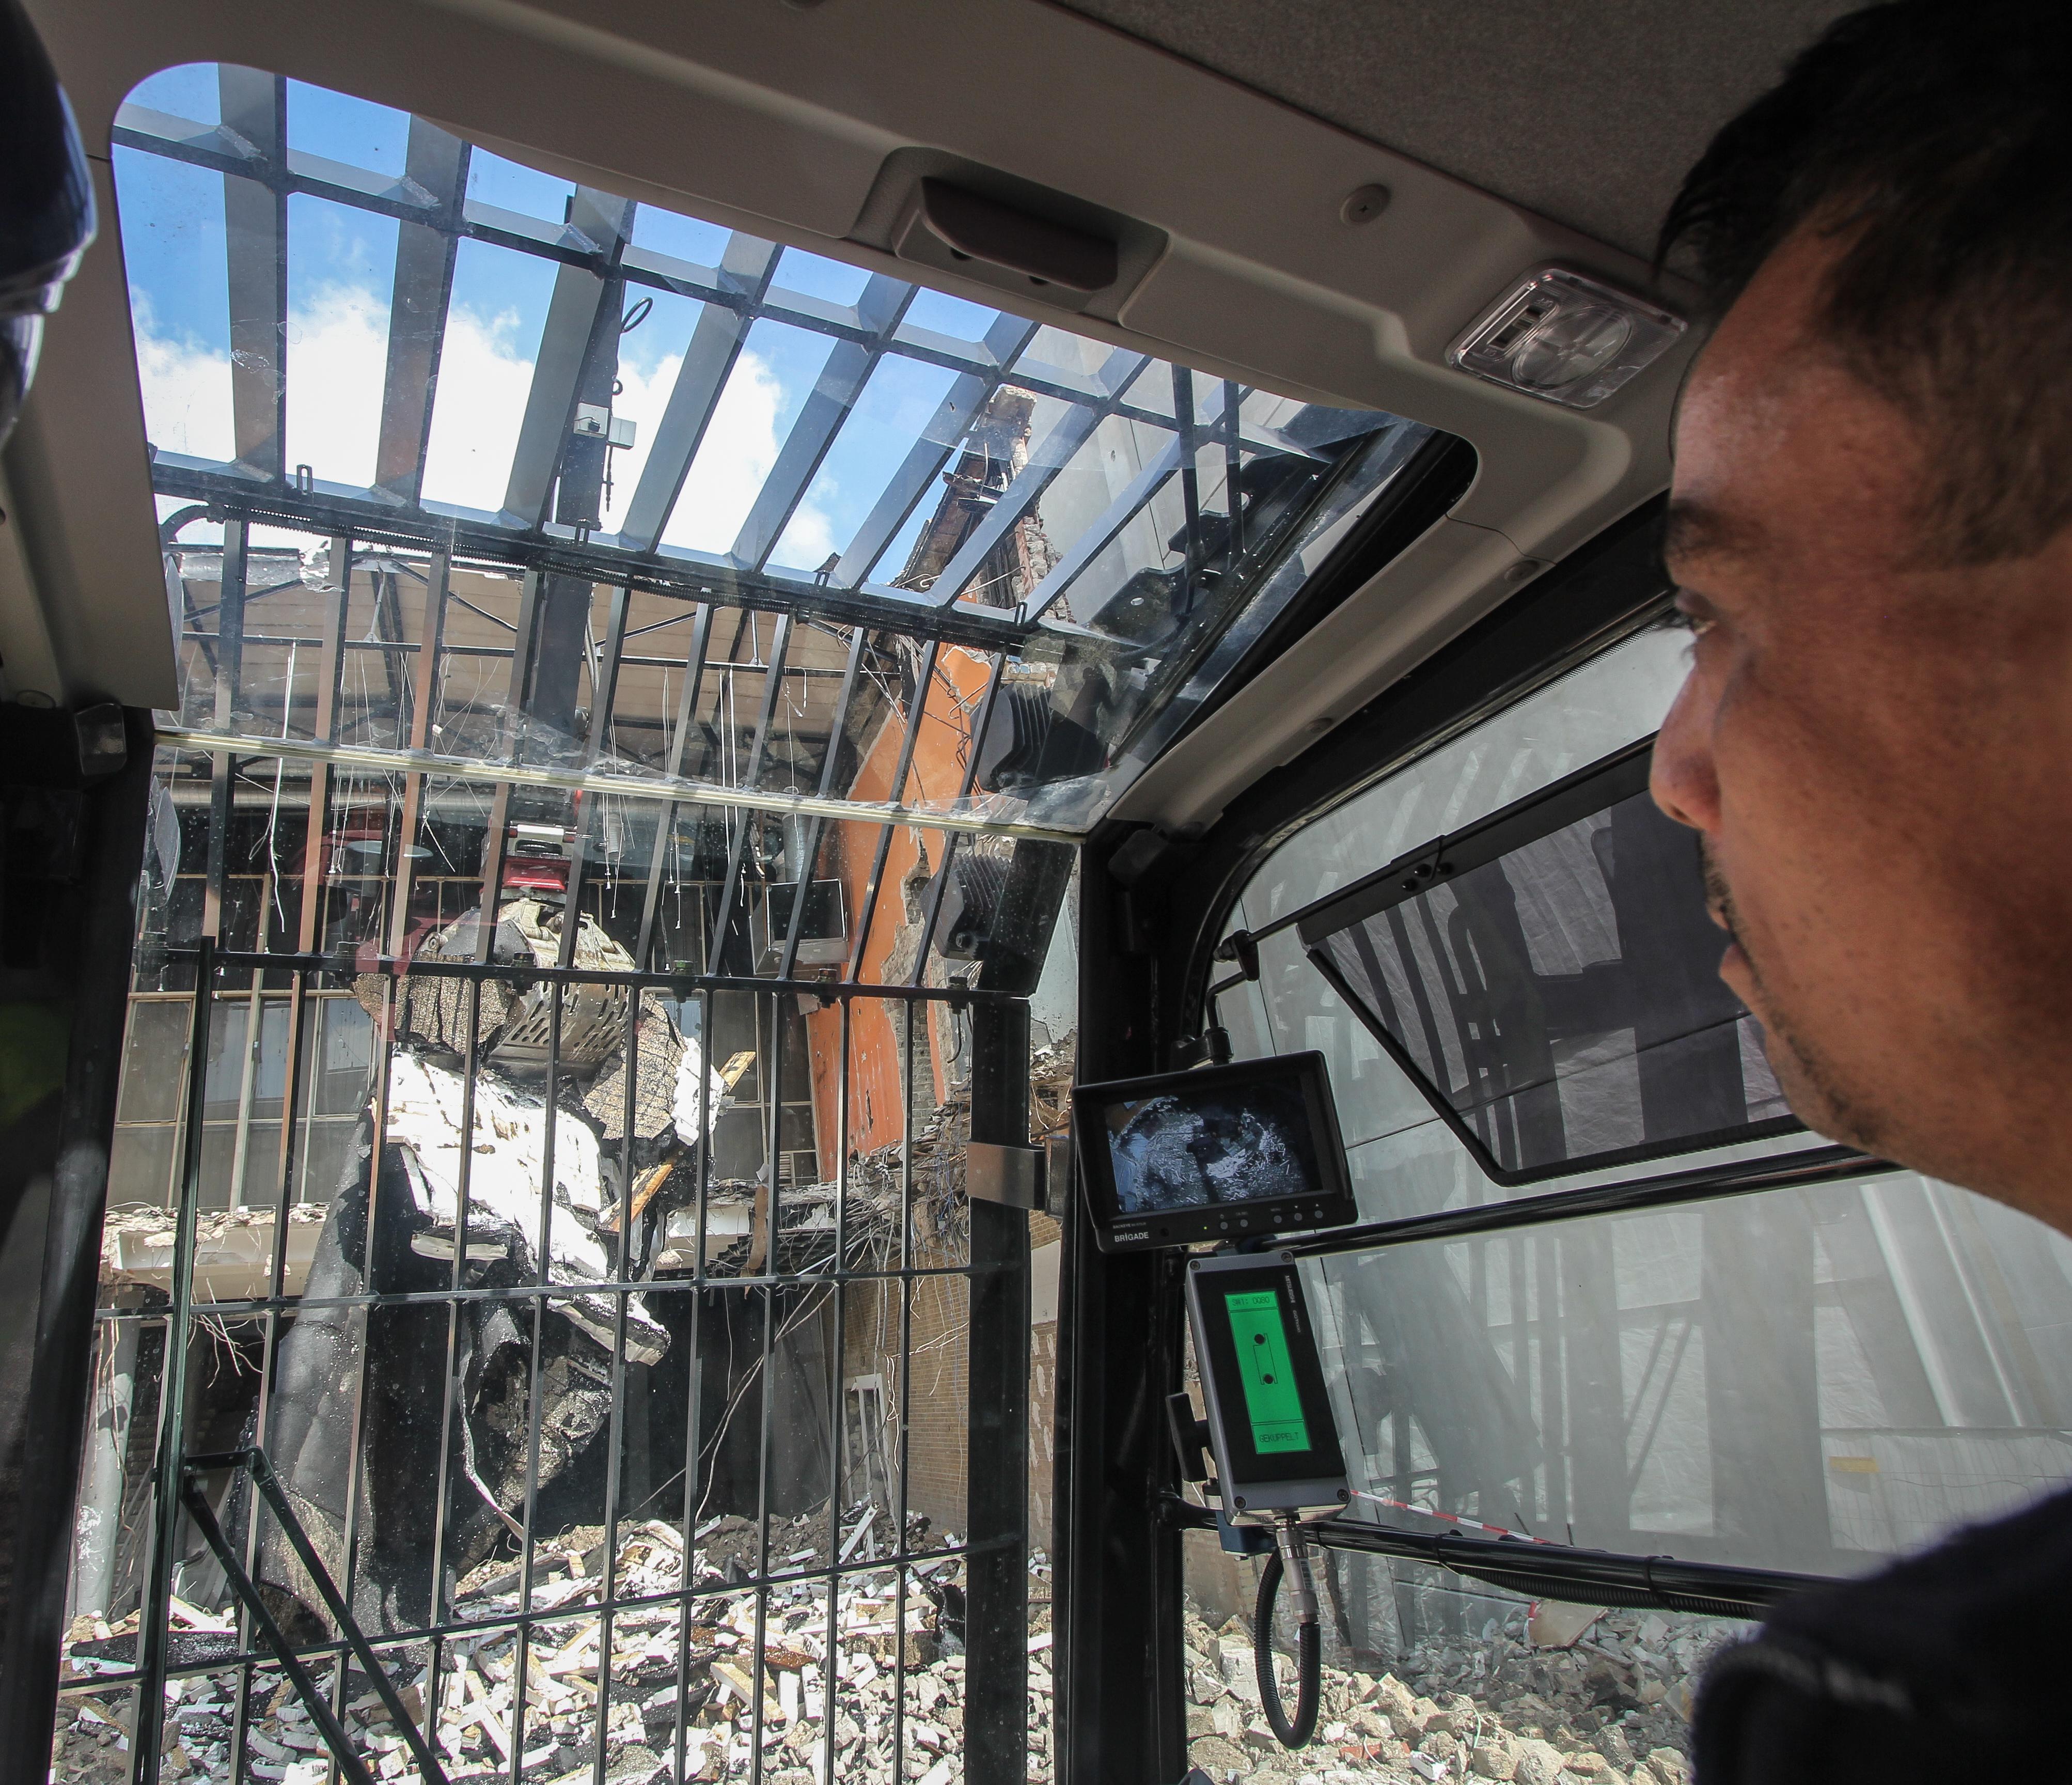 <p>Machinist Sven heeft goed zicht. De Hitachi-cabine is door Kiesel omgebouwd waardoor de stijl tussen voorruit en dakraam weg is. Bovendien is de cabine nu kantelbaar. </p>